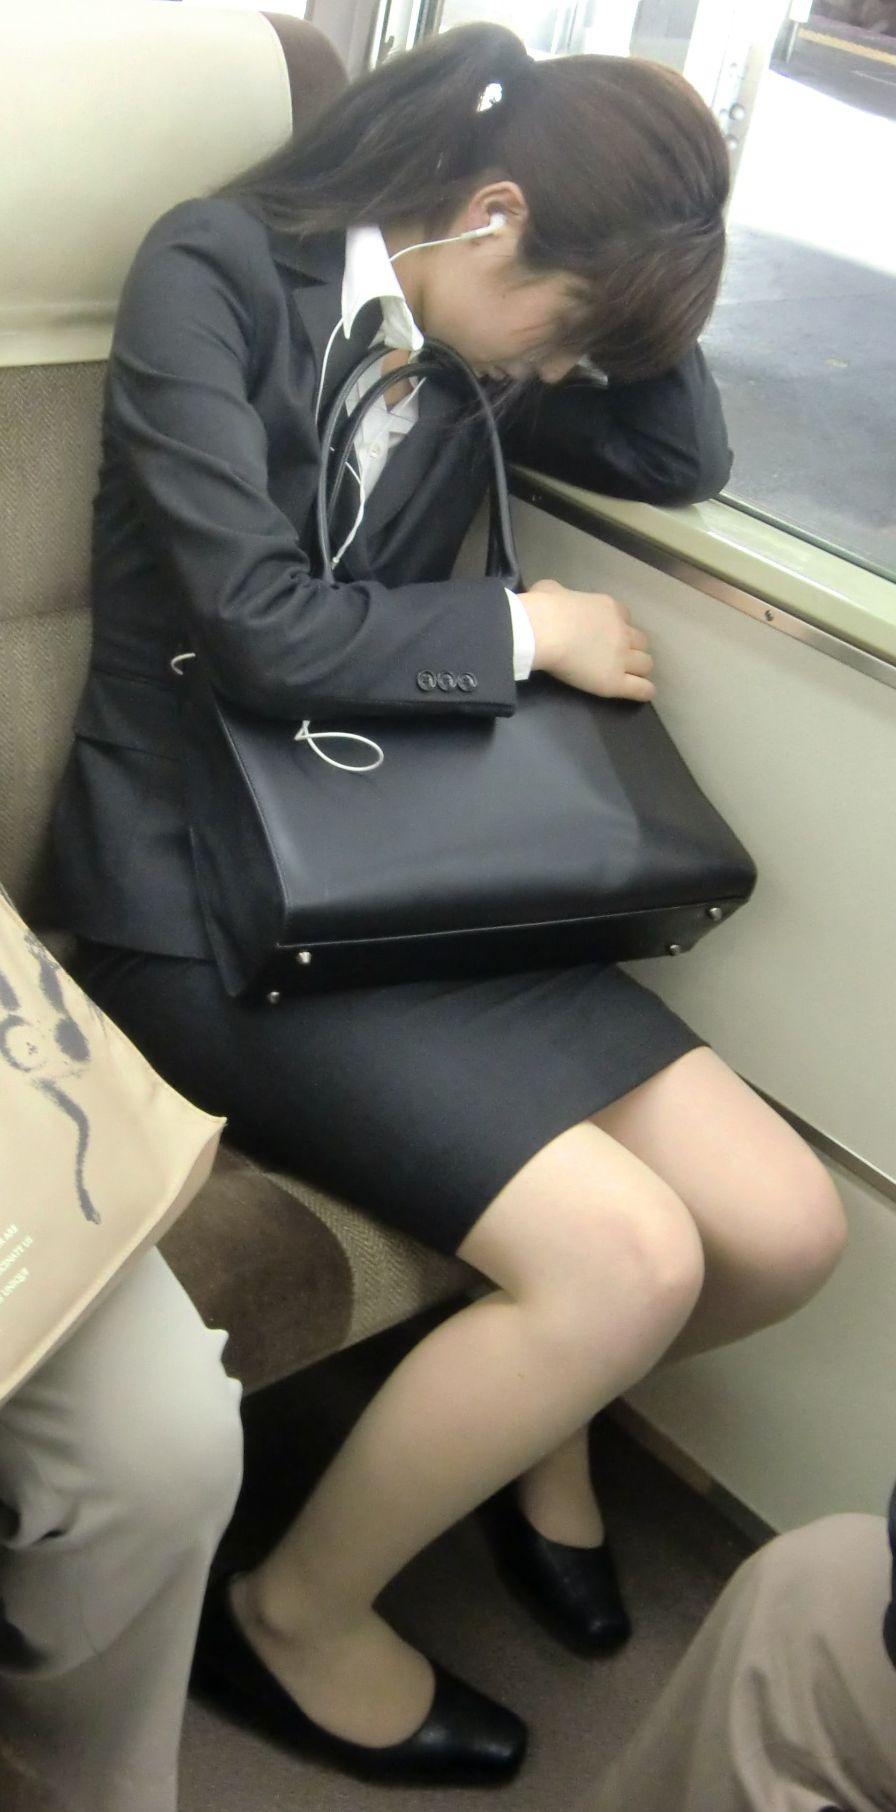 電車内対面OLタイトスカートパンストエロ画像15枚目